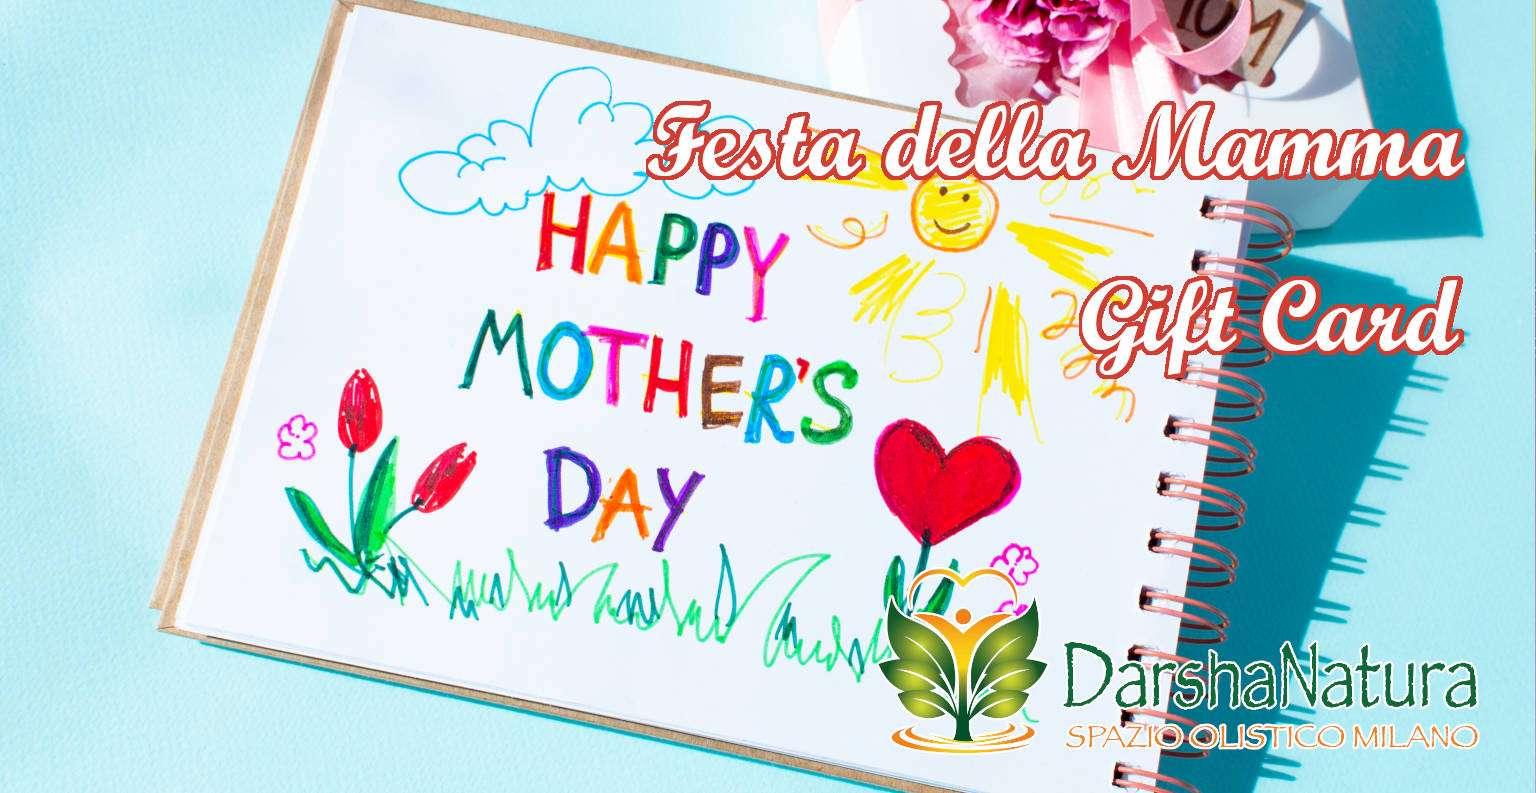 Darshanatura - Gift Card Festa della Mamma - Massaggio Sonoro Mamma e Figlia